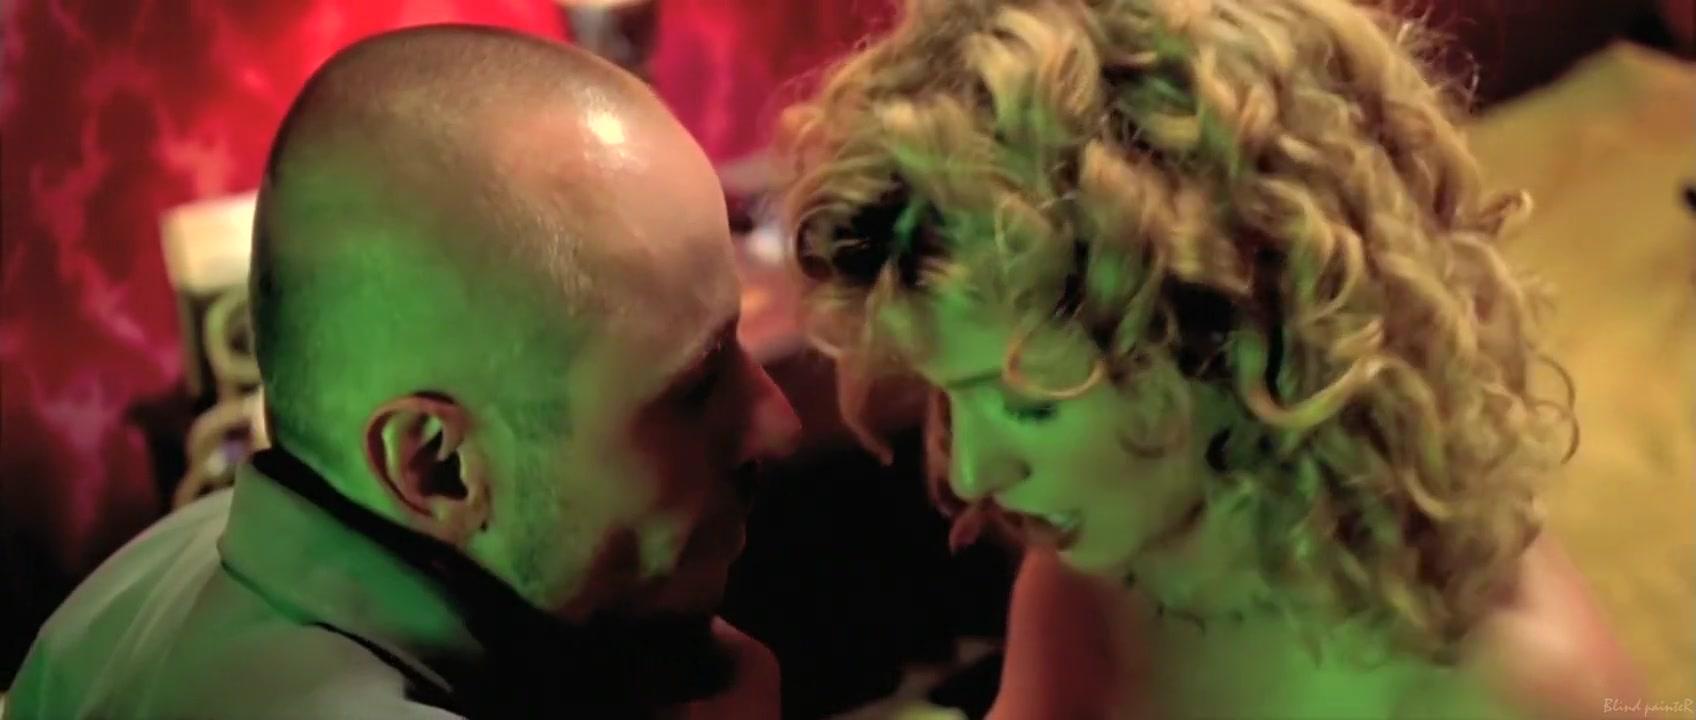 Adult Videos Mega porn star videos